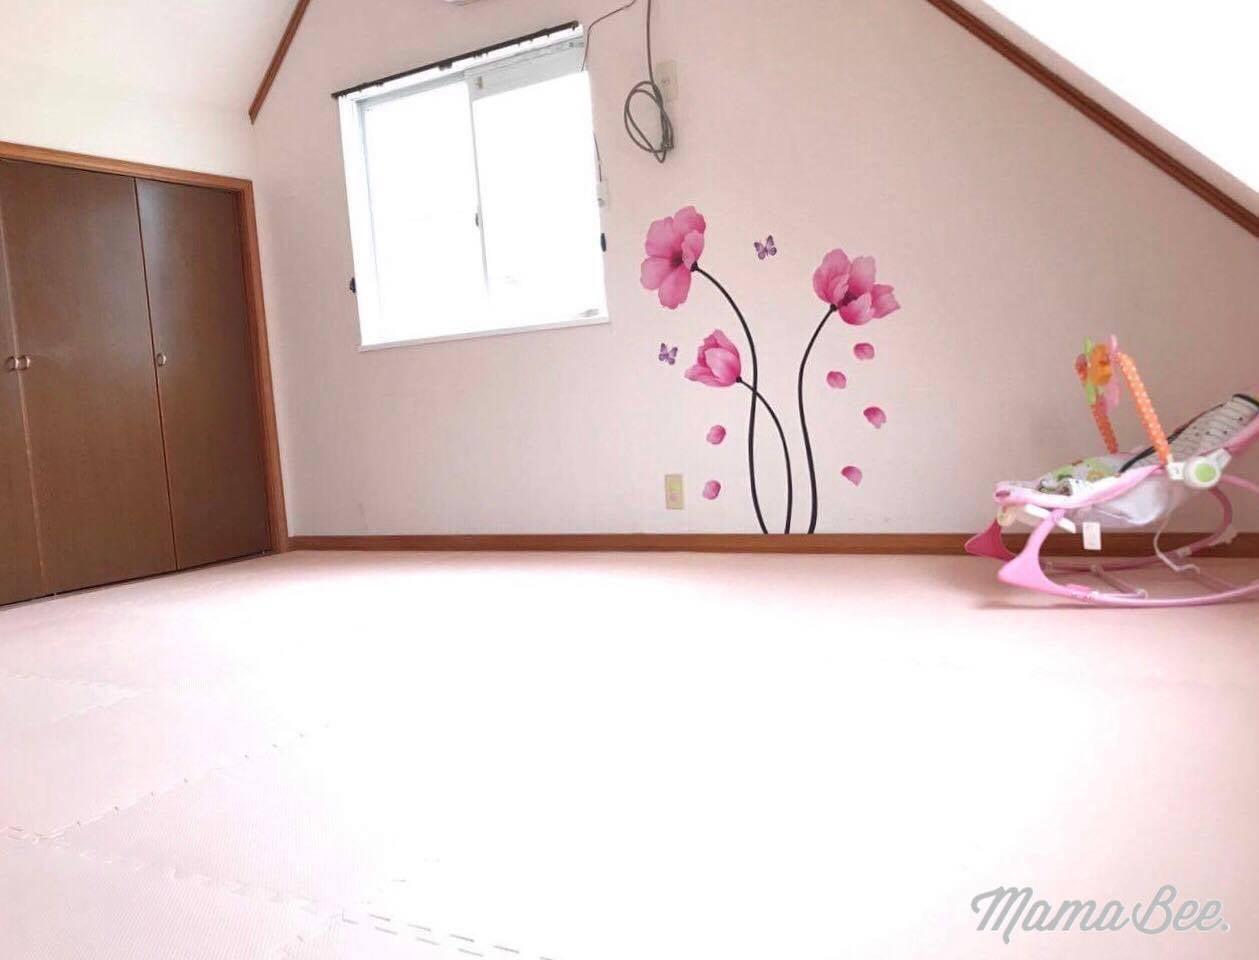 スペース2(小さめのお部屋/2階)(ママスペースBee) の写真0